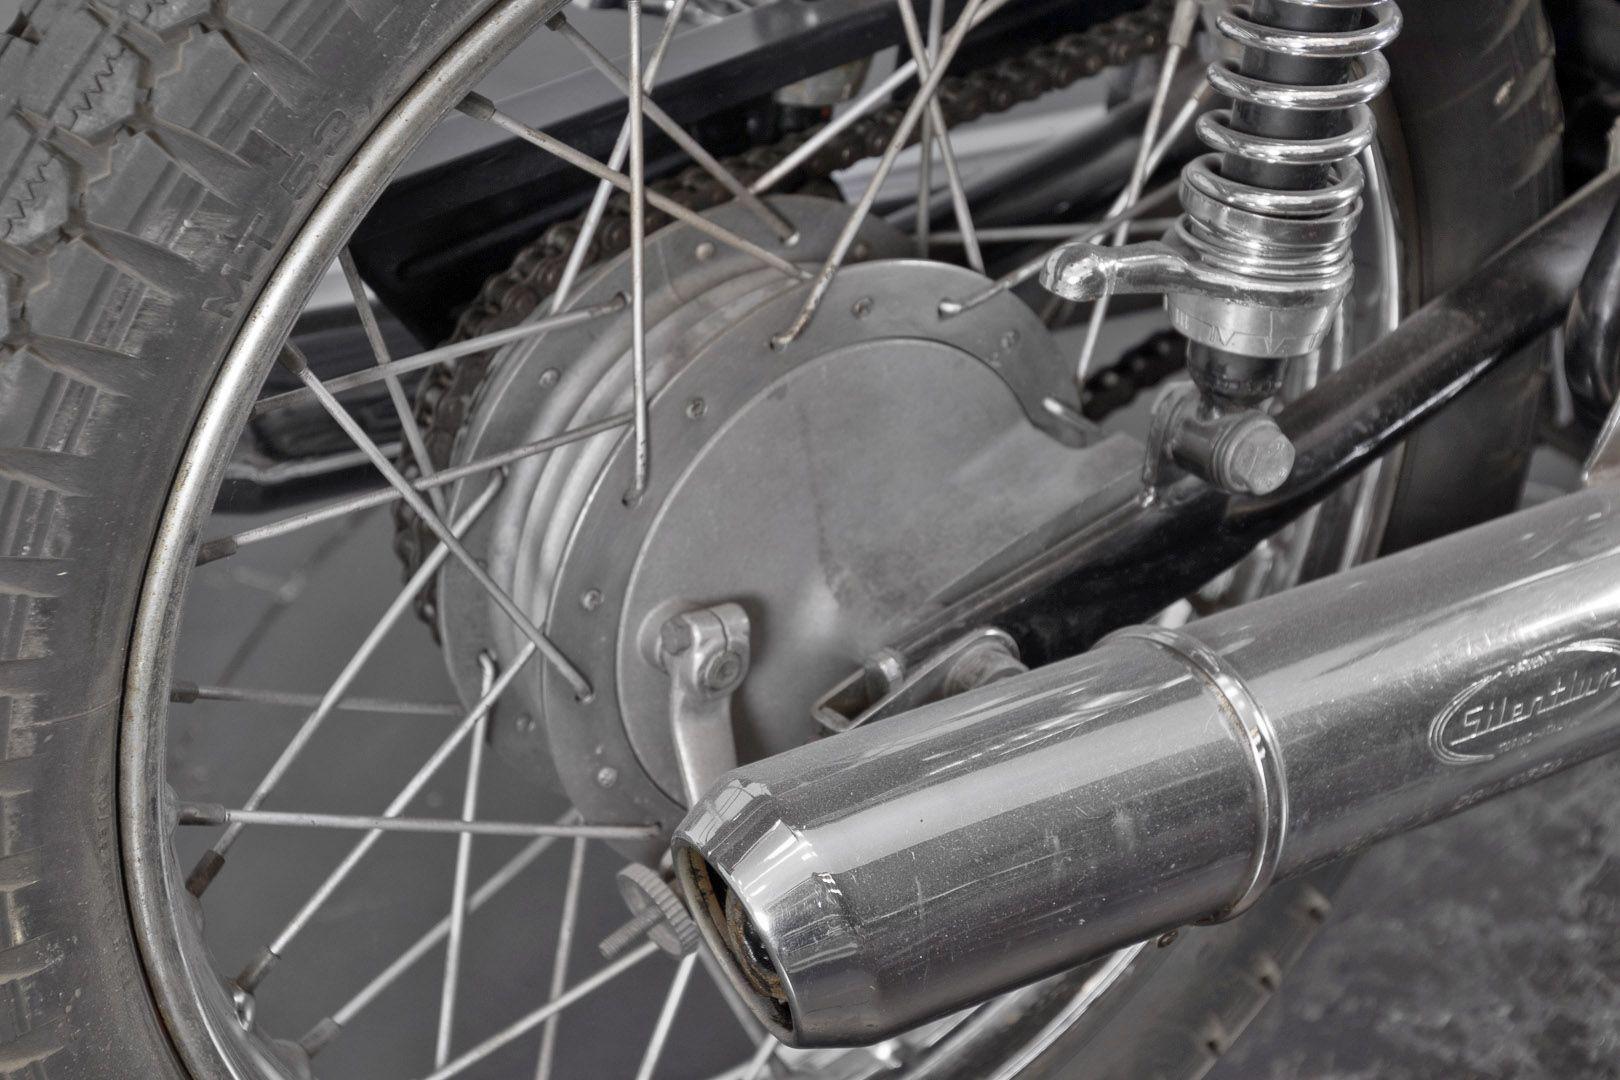 1976 Moto Guzzi 250 2C 2T 74671